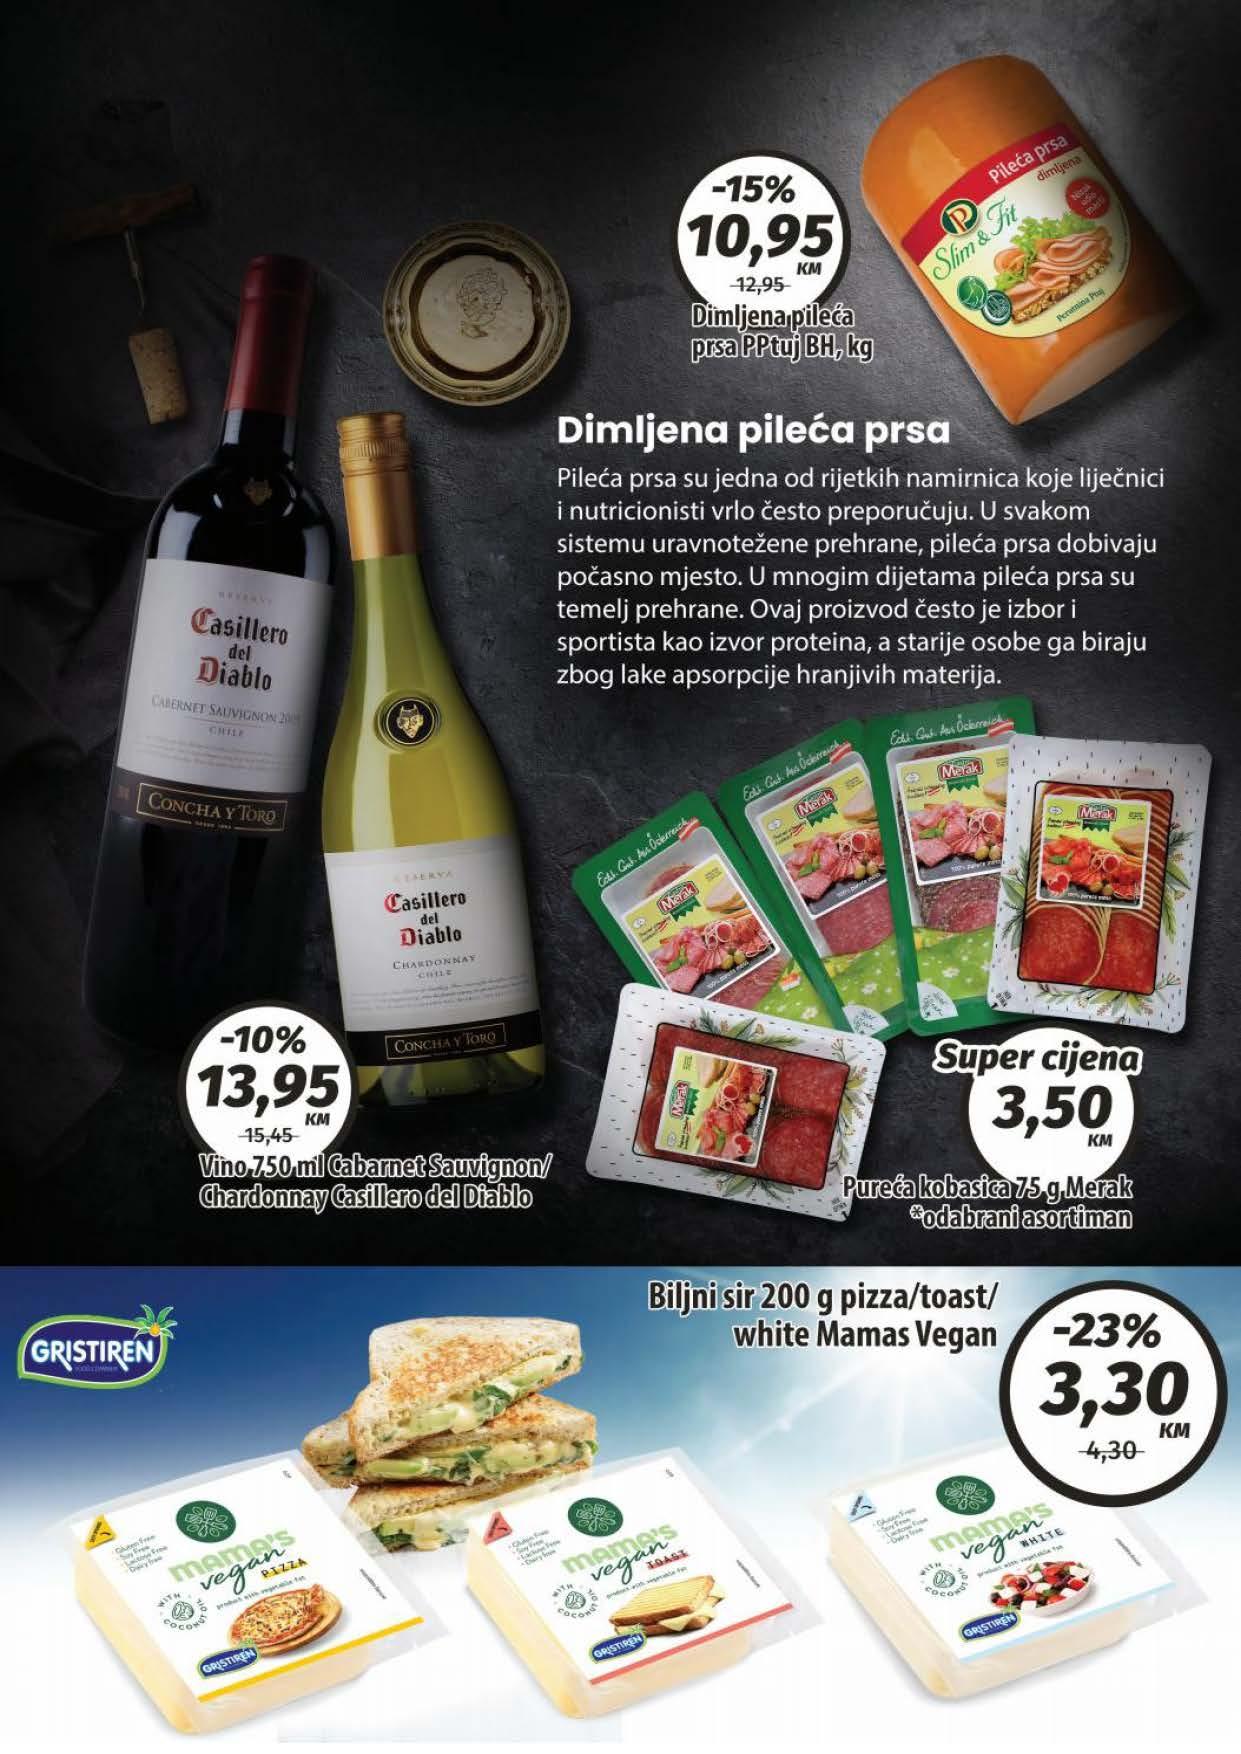 BINGO Katalog Magazin PLUS JUN i JUL 2021 15.6. 9.7. eKatalozi.com PR Page 08